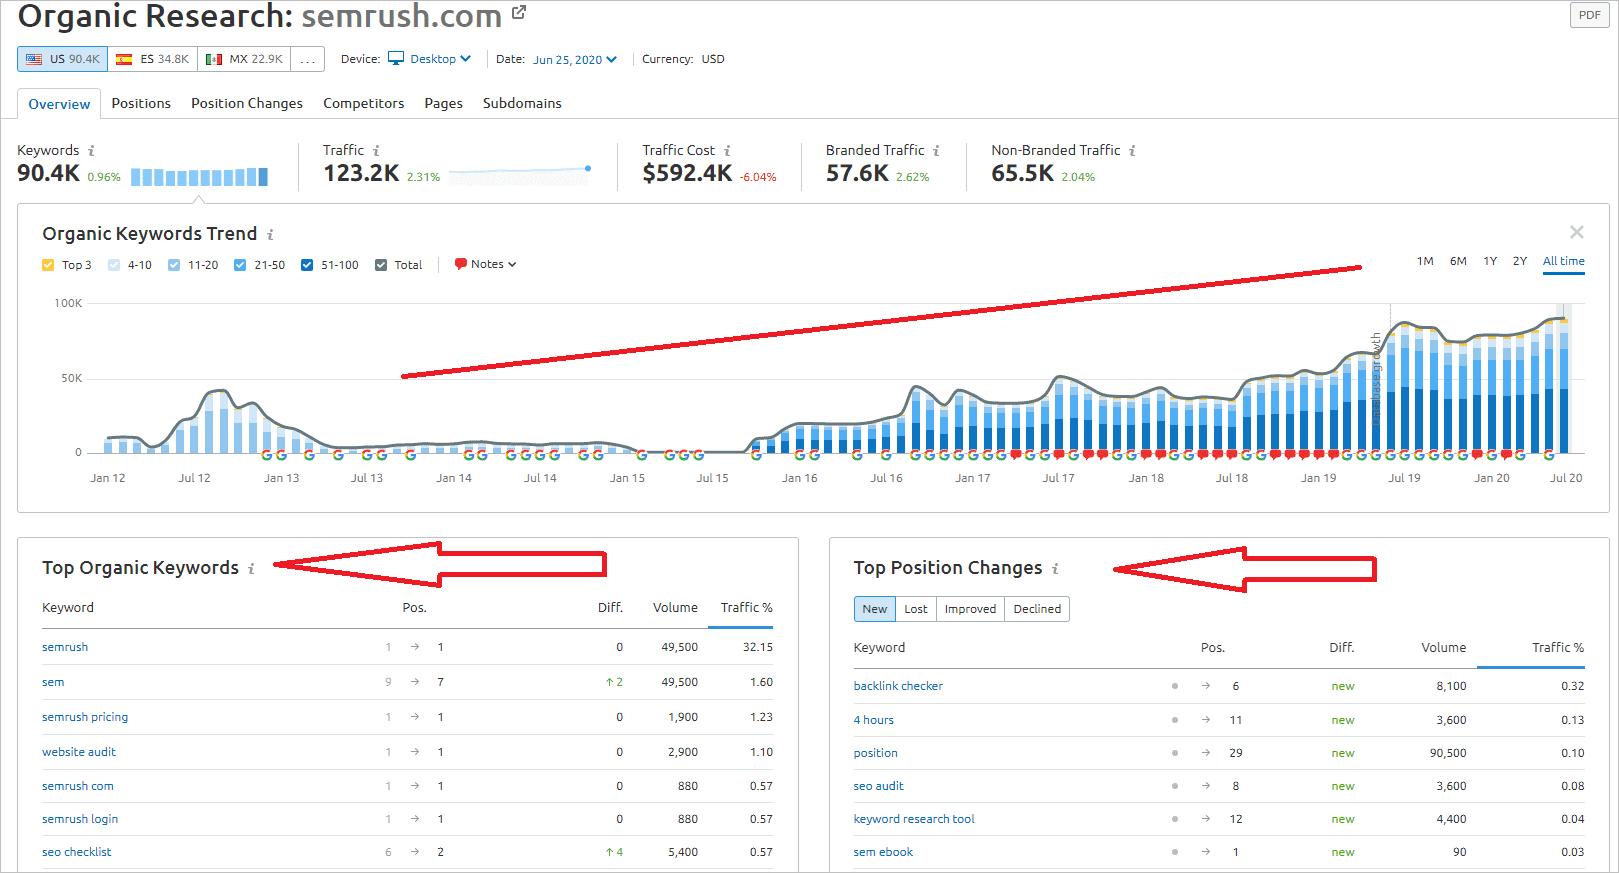 Organic Search Keywords using Semrush